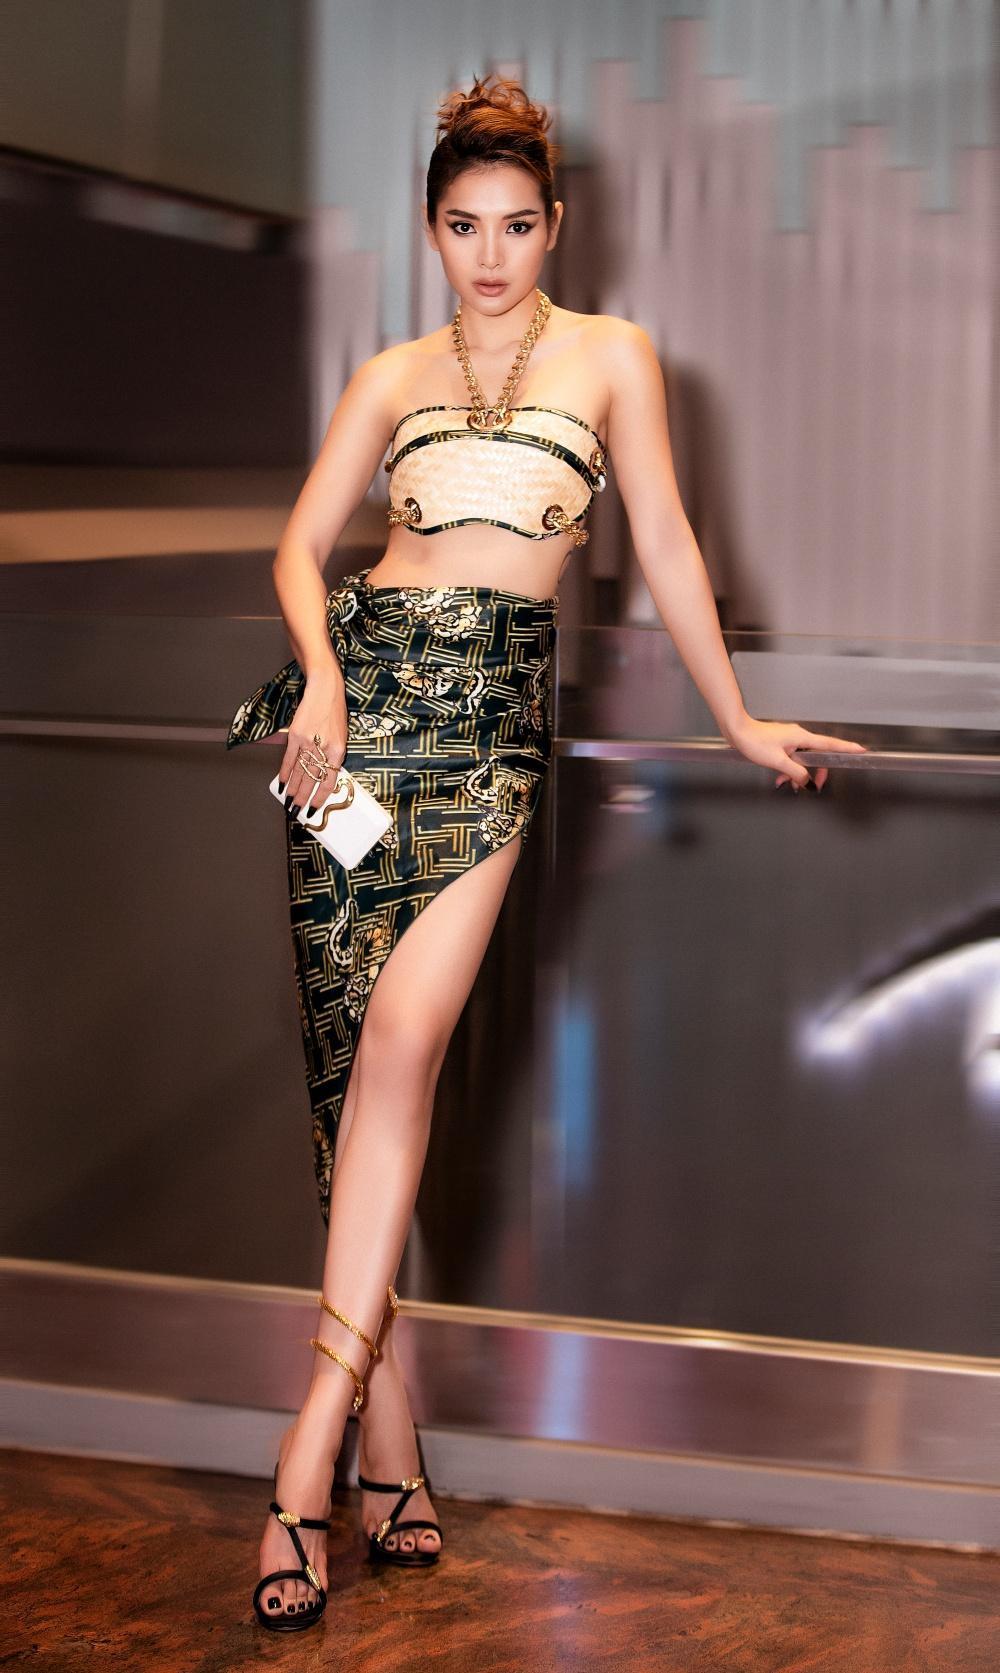 Phương Trinh Jolie hóa 'nữ thần rắn', quyến rũ hết nấc cùng áo không chút vải Ảnh 5